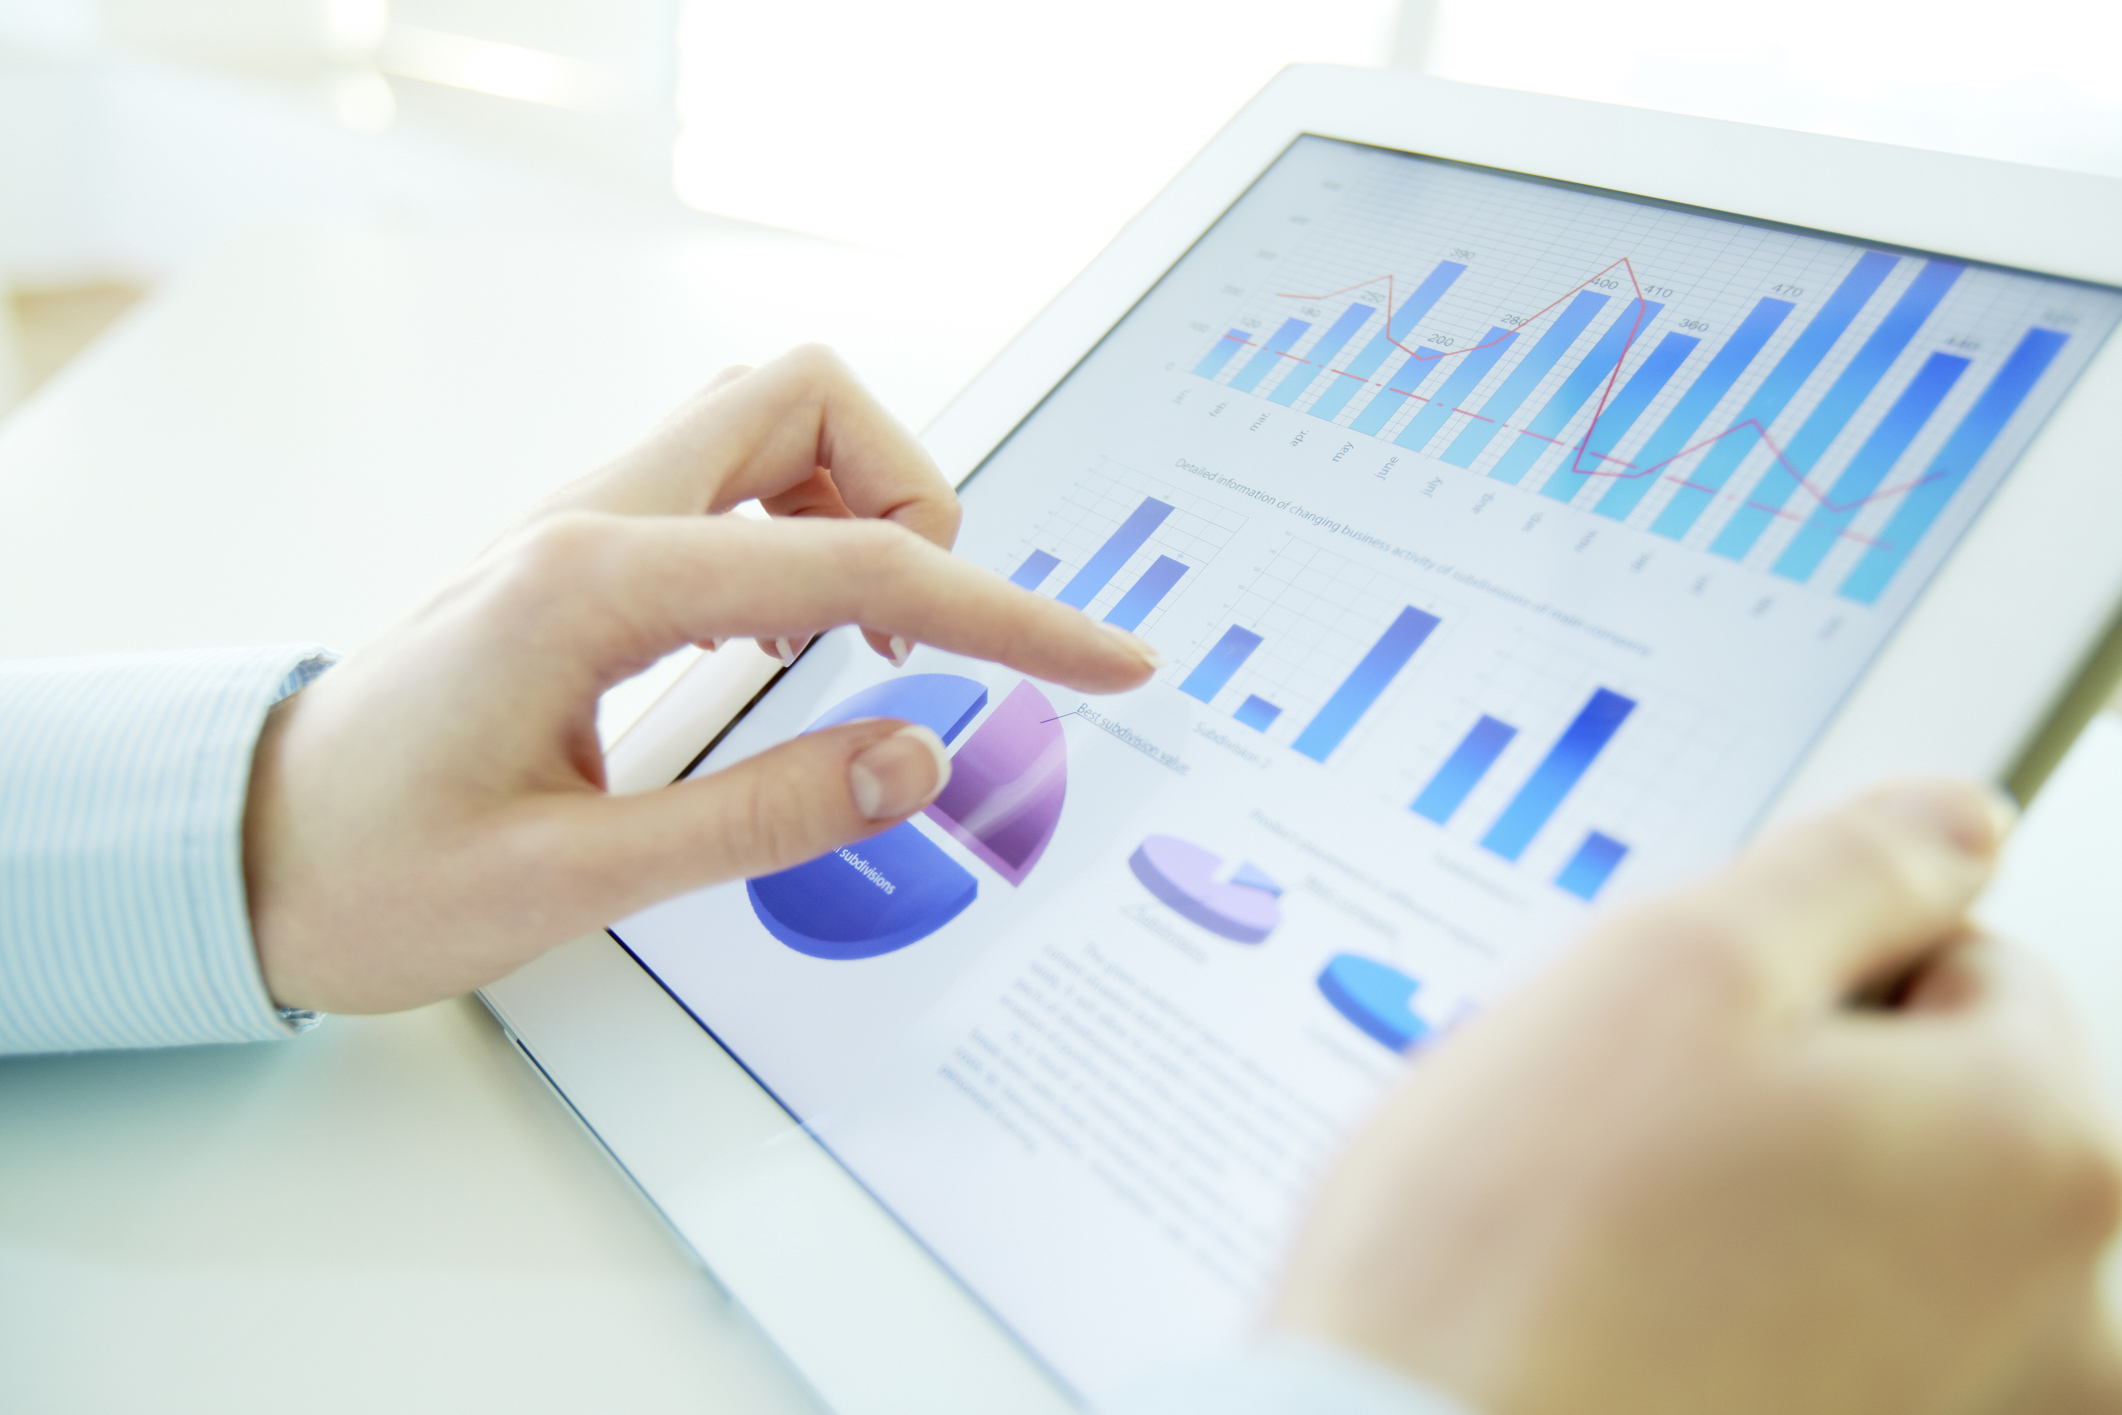 L'informatique décisionnelle, pour une gestion performante des données de l'entreprise